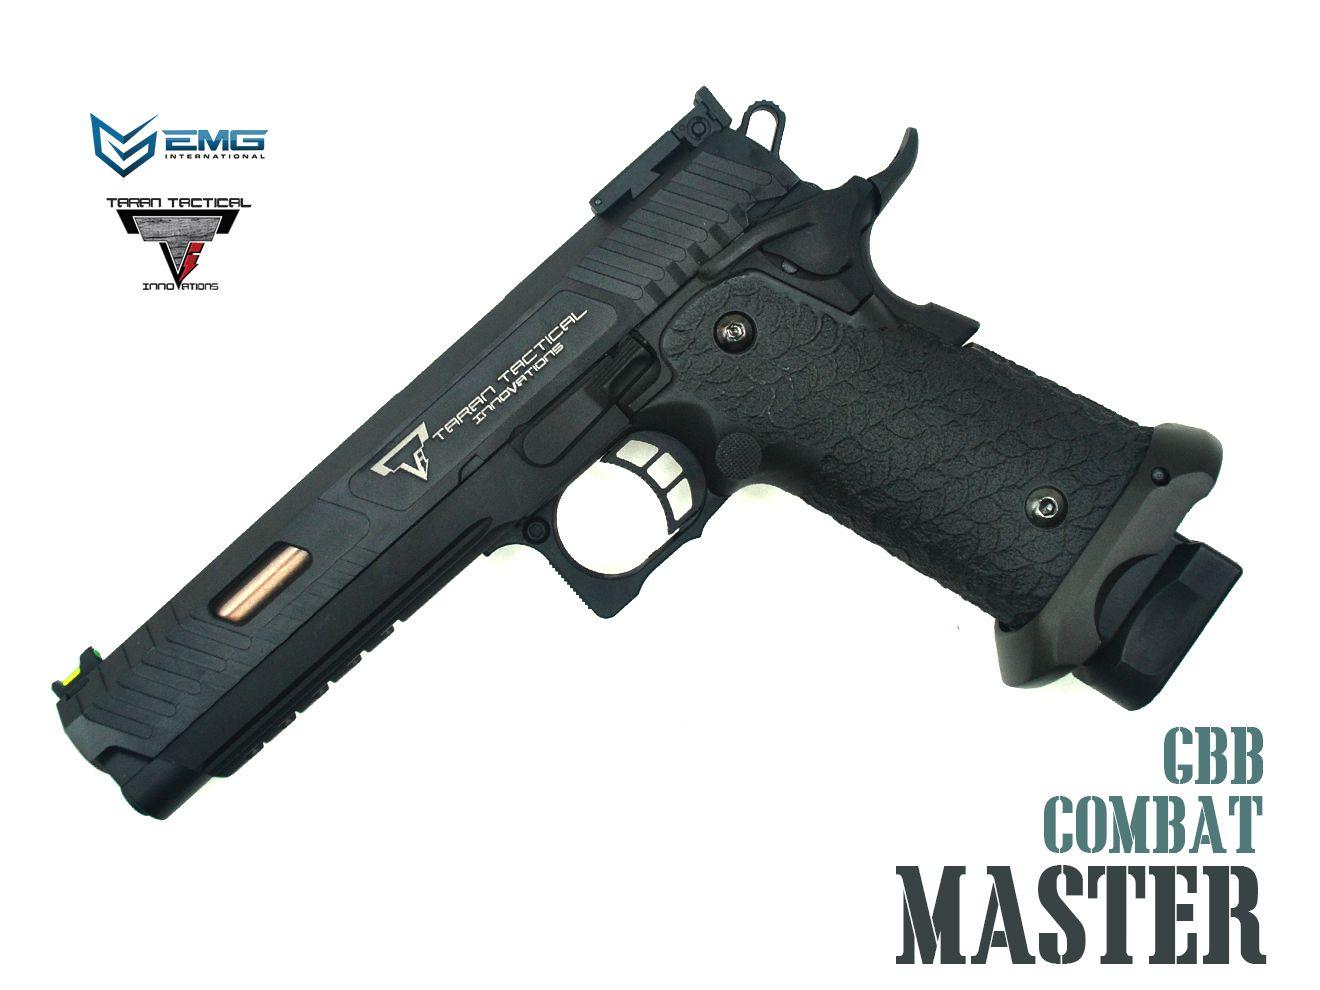 EMG いよいよ人気ブランド TTI 2011 コンバットマスター Standard 実銃ブランド ライセンス ガスブロ MASTER ハイキャパ COMBAT Hi-CAPA 11mm正ネジ 東京マルイ ガスガン 在庫一掃売り切りセール